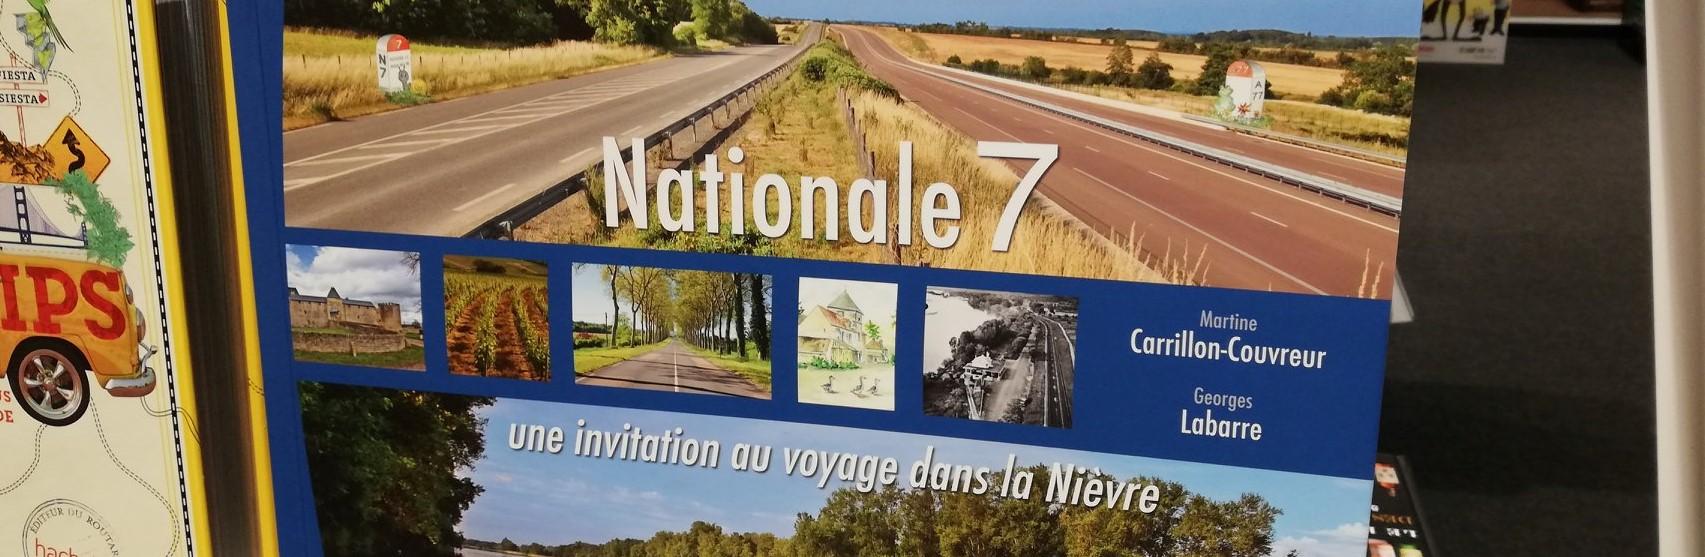 """couverture du livre """"nationale"""" une invitation au voyage dans la Nièvre"""